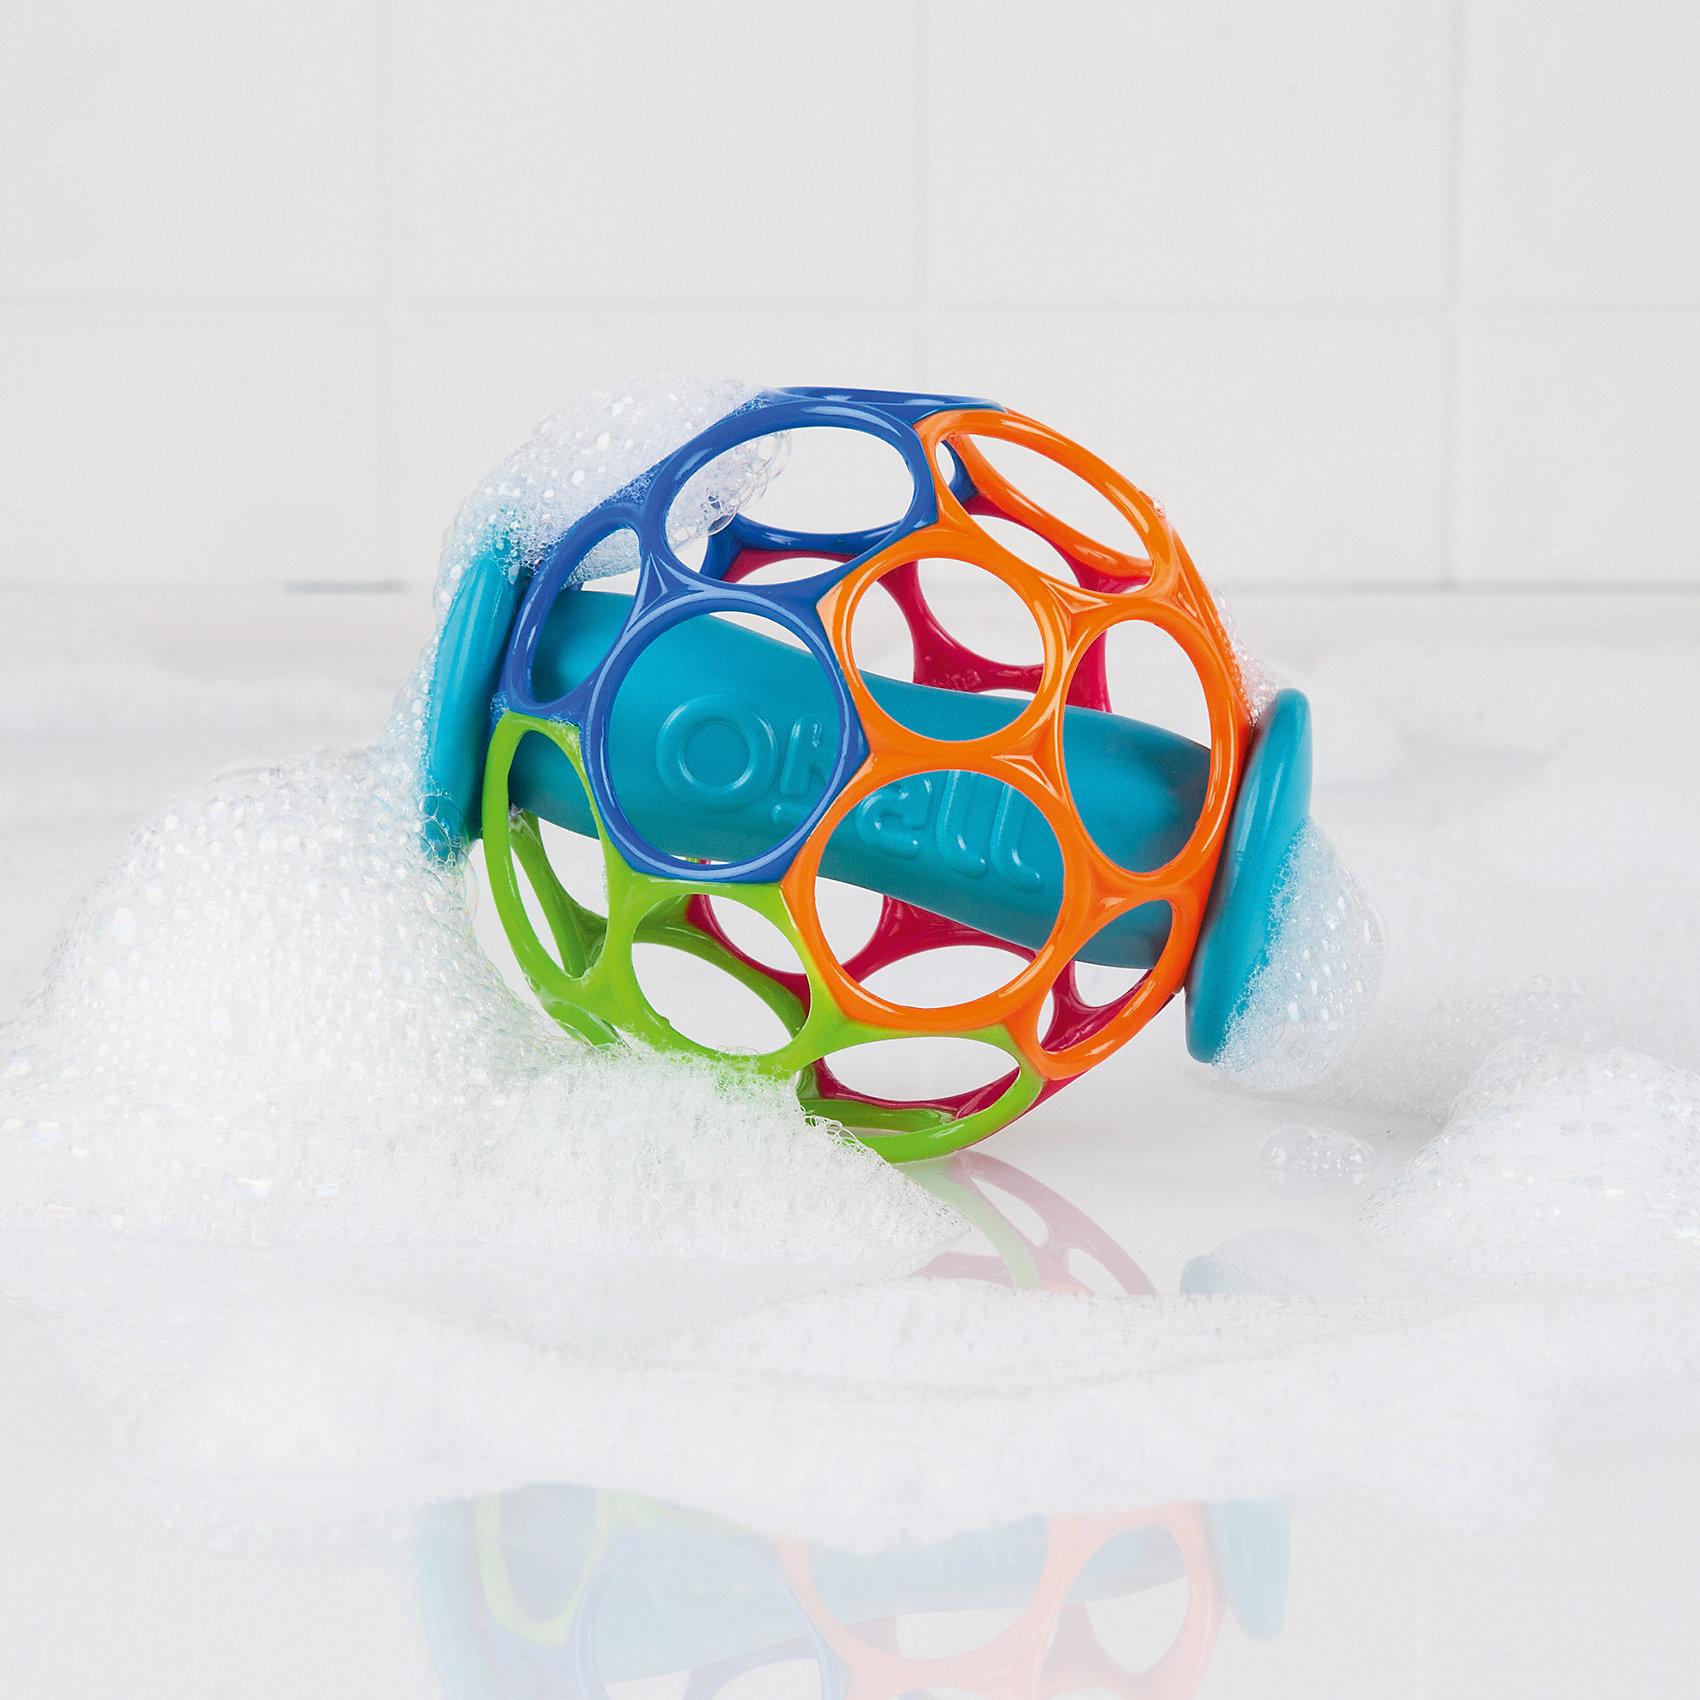 Мячик Oball, с поплавком, OballИгрушки для ванной<br>Теперь с ним можно не только играть, но и купаться!<br><br>ОСОБЕННОСТИ<br>Благодаря поплавку, мячик Oball держится на воде <br>Удобно держать маленькими ручками<br>Мягкий гибкий пластик приятен на ощупь, не поранит ребенка<br><br><br>Дополнительные характеристики<br>Не содержит вредных веществ<br>Диаметр мячика: 10 см<br>Размер коробки: 14 х 10 х 10 см<br><br>Ширина мм: 137<br>Глубина мм: 129<br>Высота мм: 88<br>Вес г: 64<br>Возраст от месяцев: 0<br>Возраст до месяцев: 36<br>Пол: Унисекс<br>Возраст: Детский<br>SKU: 4222558